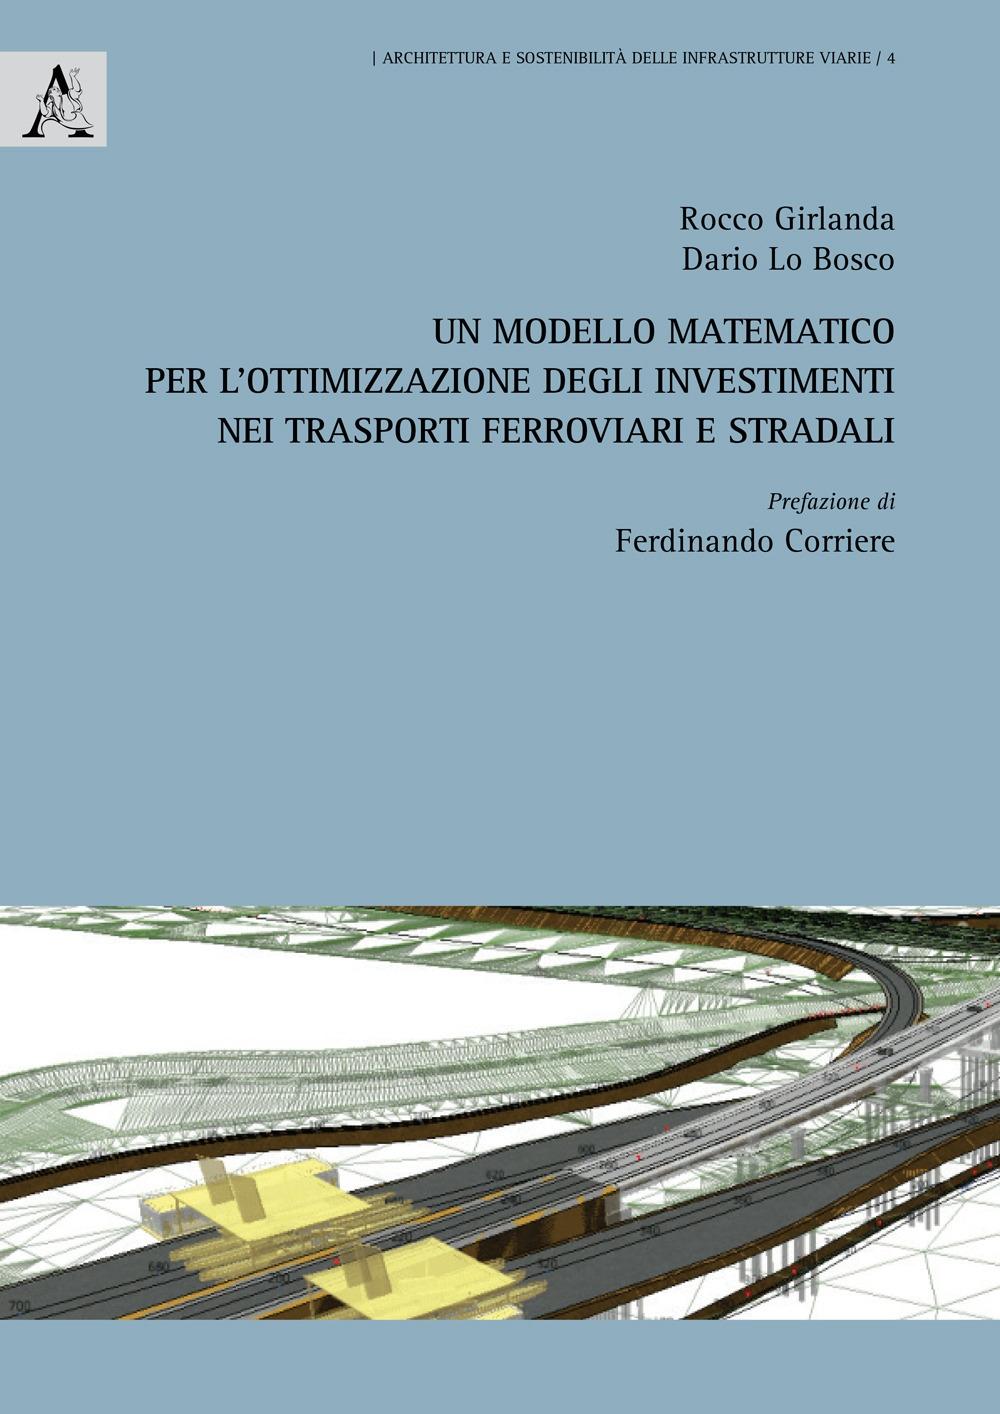 Un modello matematico per l'ottimizzazione degli investimenti nei trasporti ferroviari e stradali